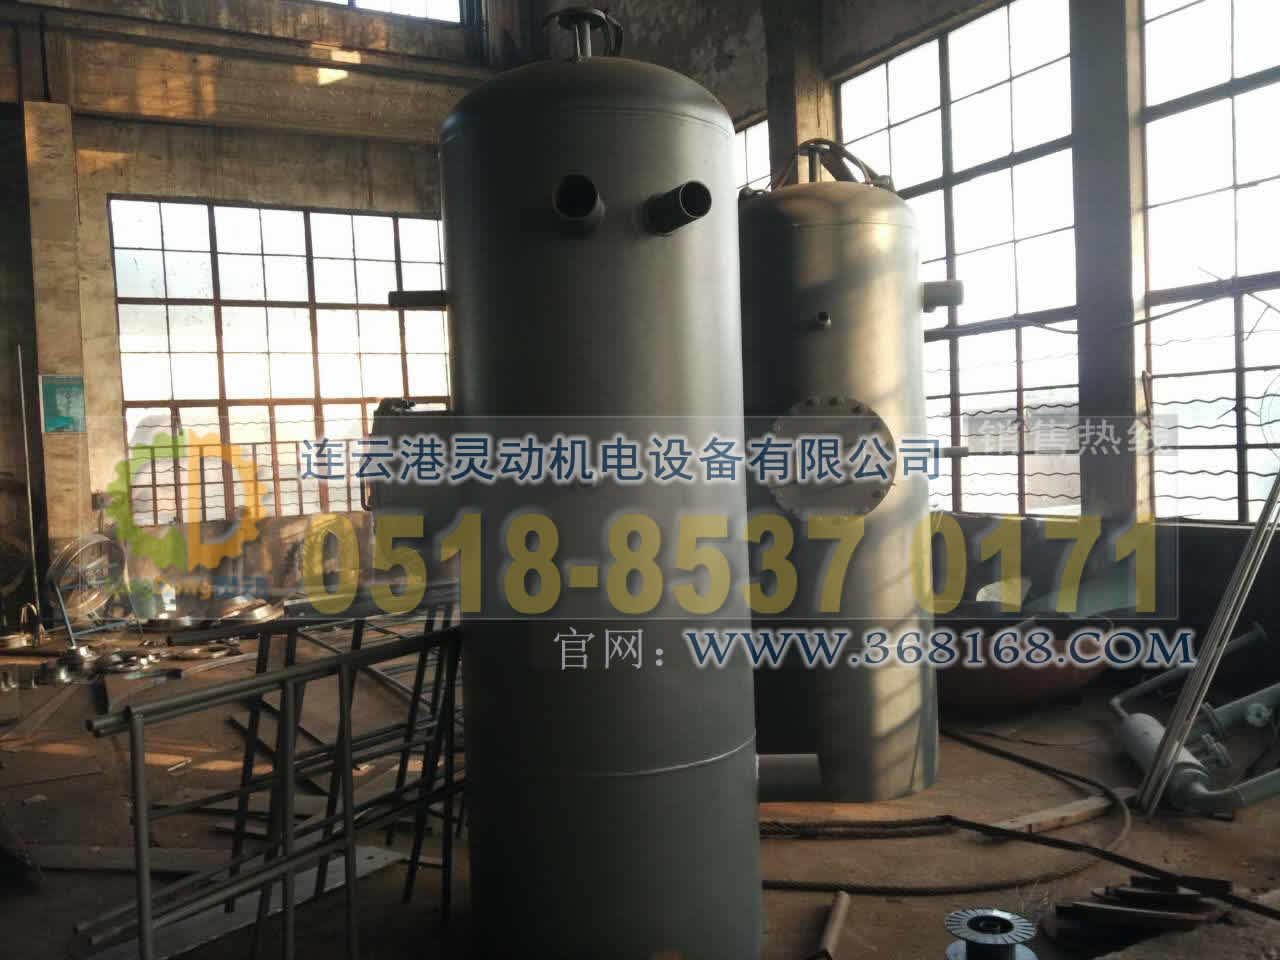 旋膜除氧器制造,膜式除氧器厂家,-压旋膜式除氧器生产厂家